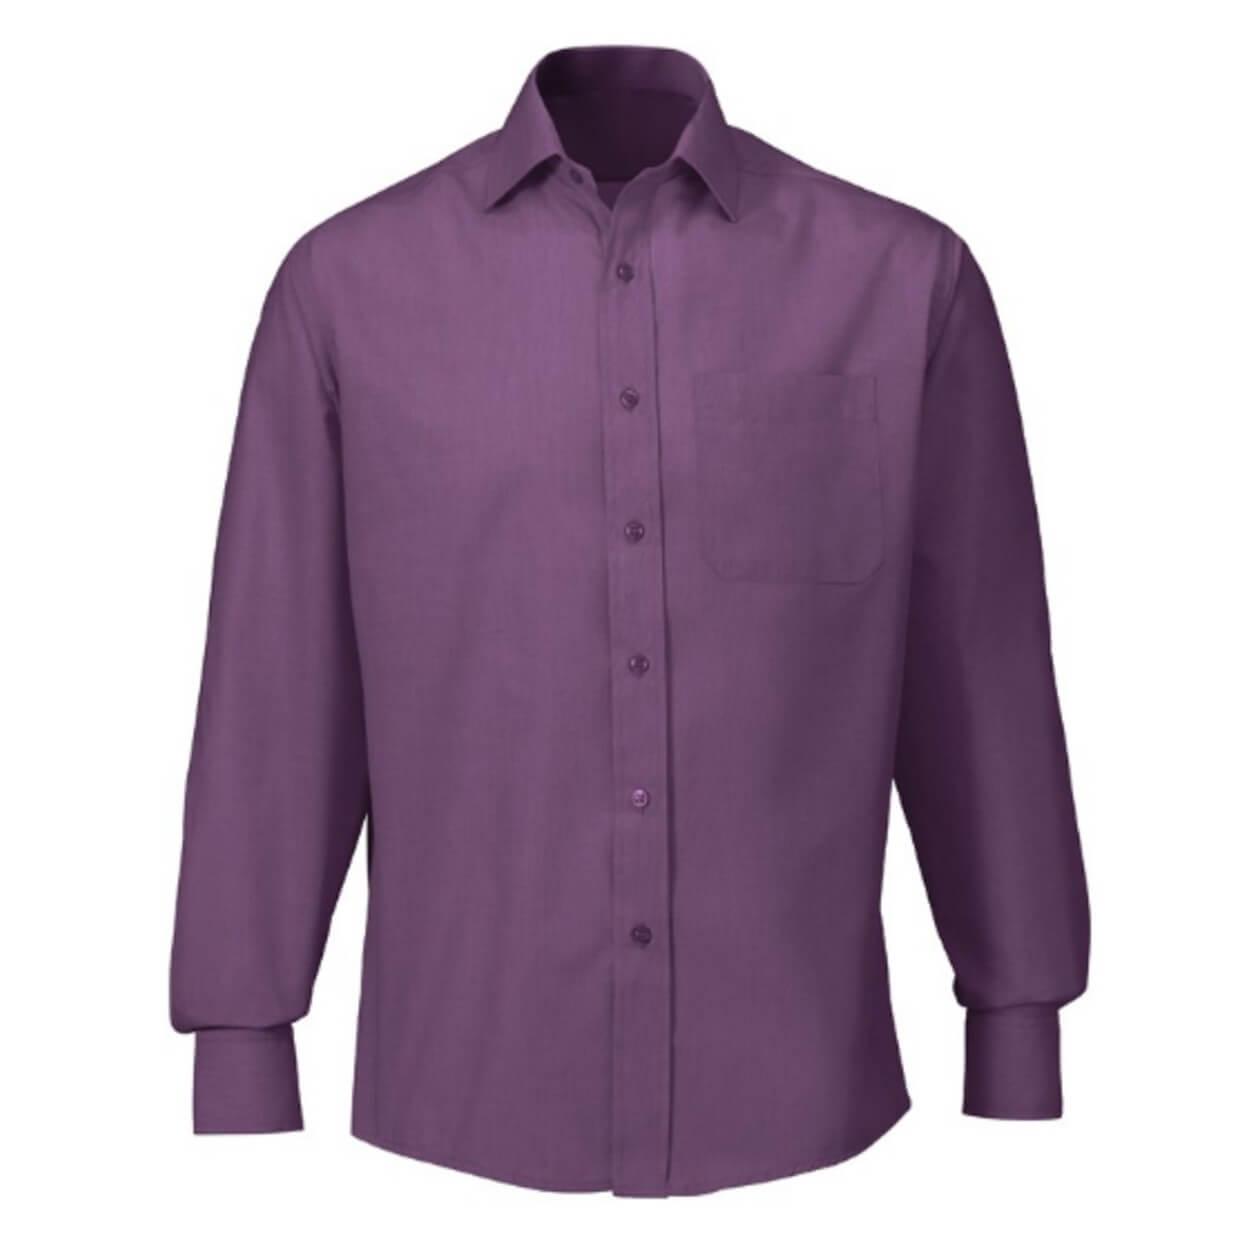 Ανδρικό μακρυμάνικο πουκάμισο